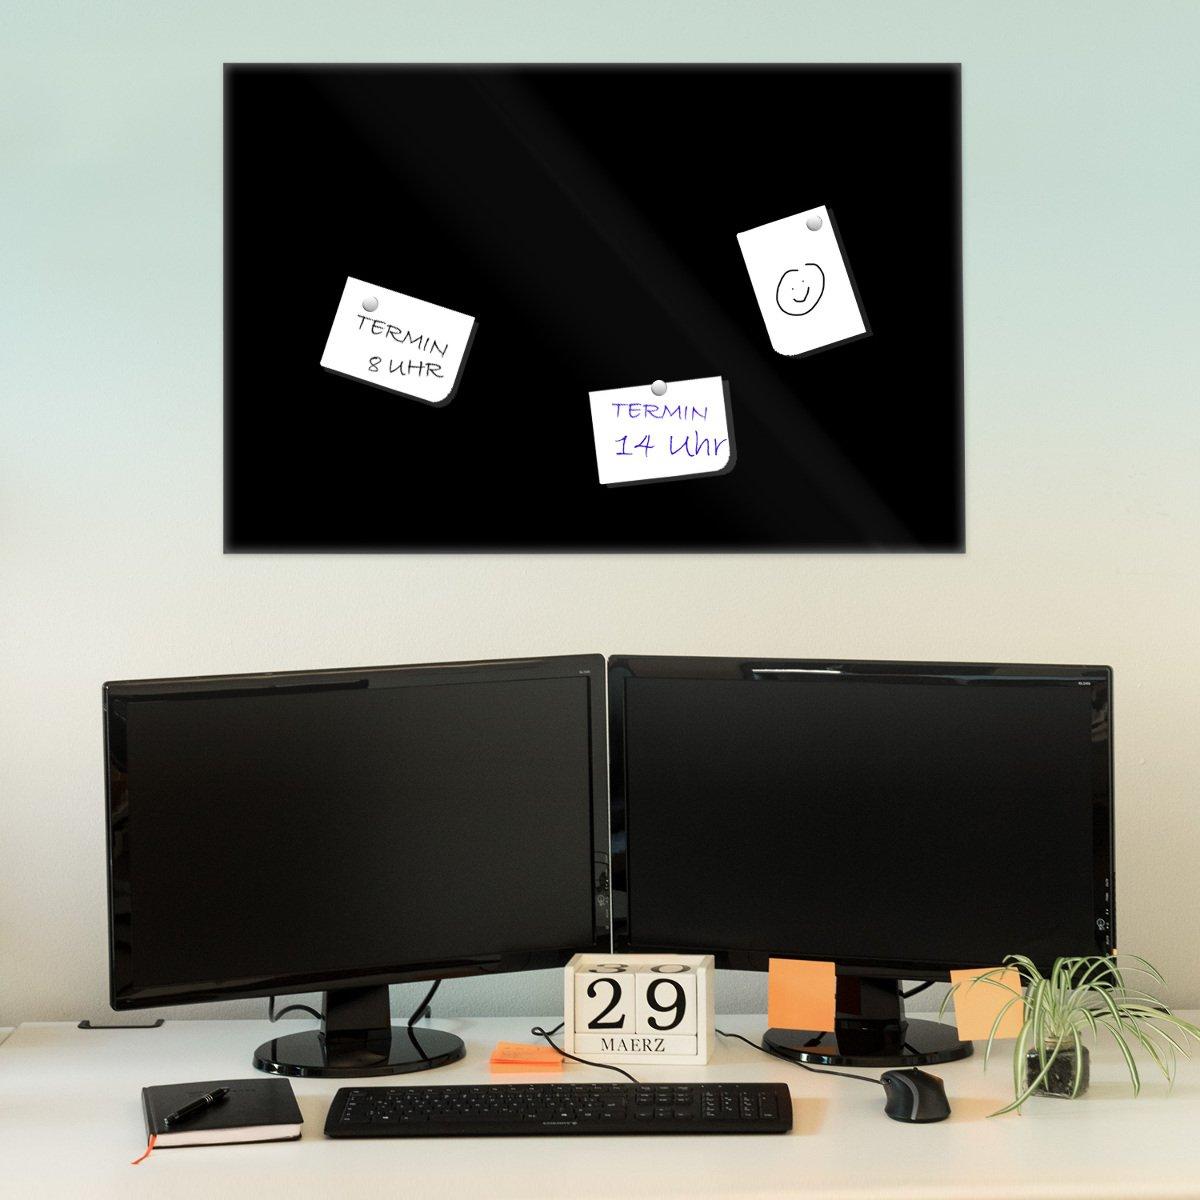 Bacheca Memoboard decorativa Mappa del mondo su legno Navaris Lavagna magnetica in vetro scrivibile 90x60cm 5x magneti 1x pennarello set fissaggio